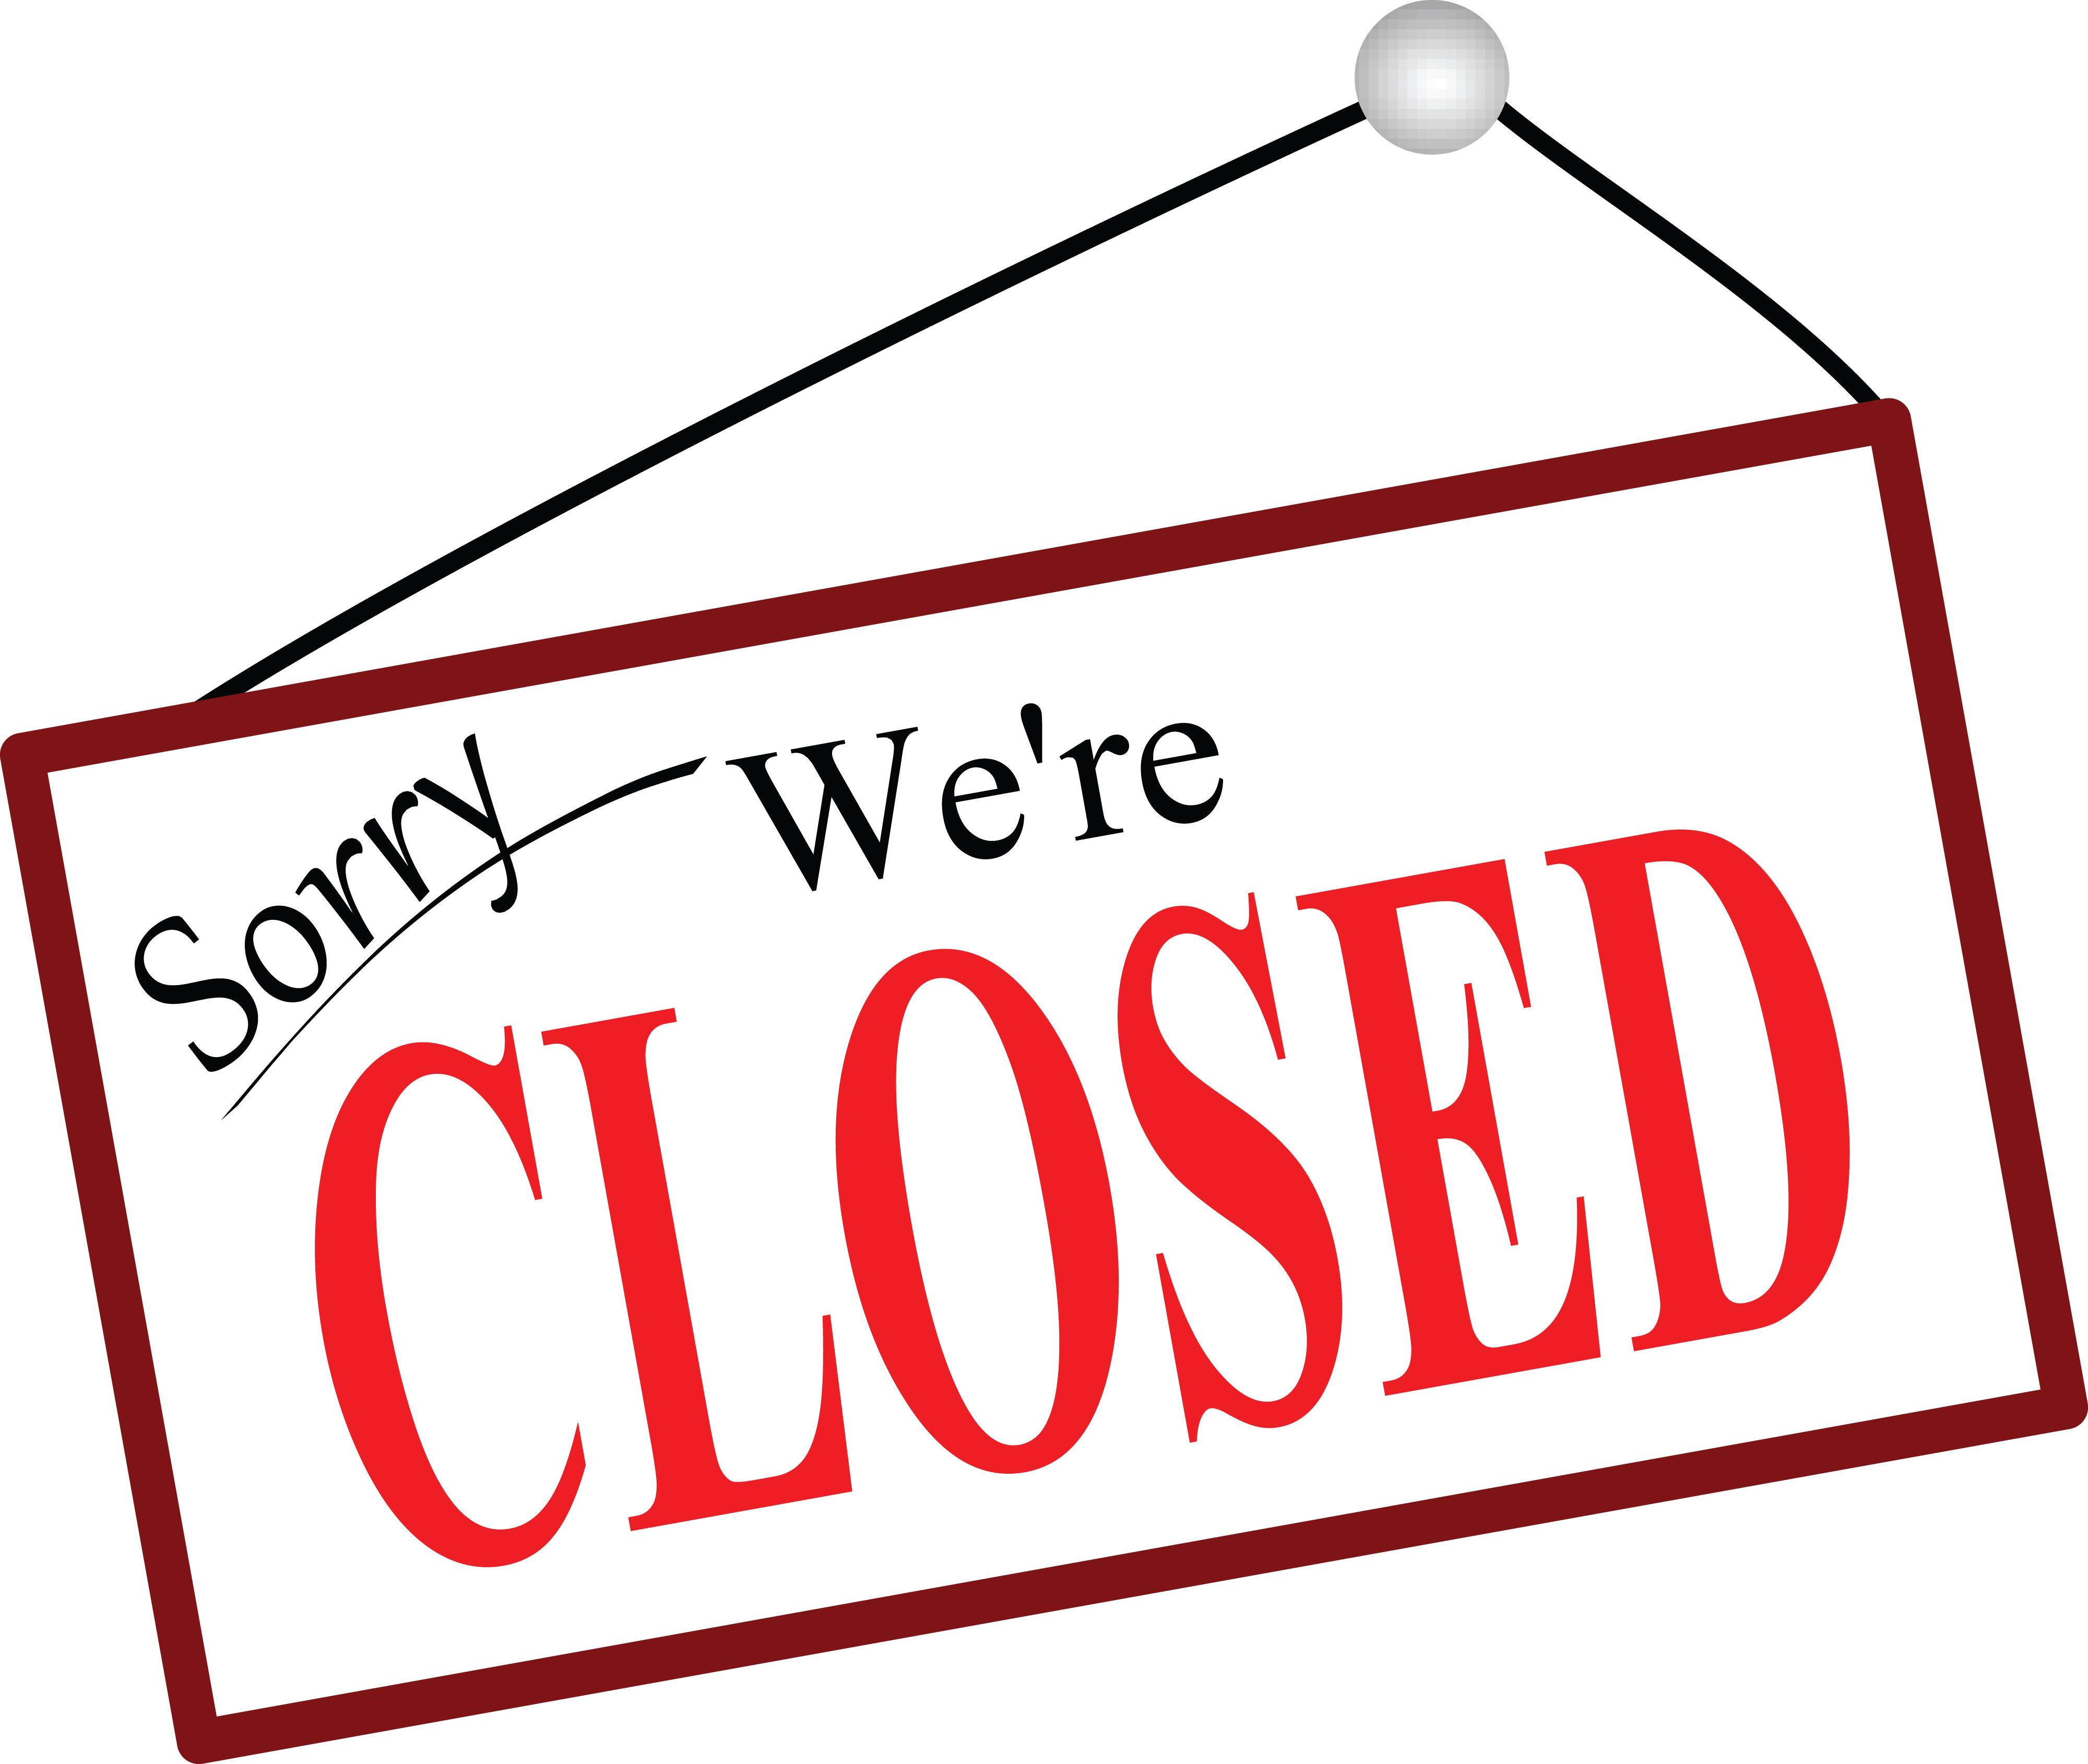 Closed May 31st